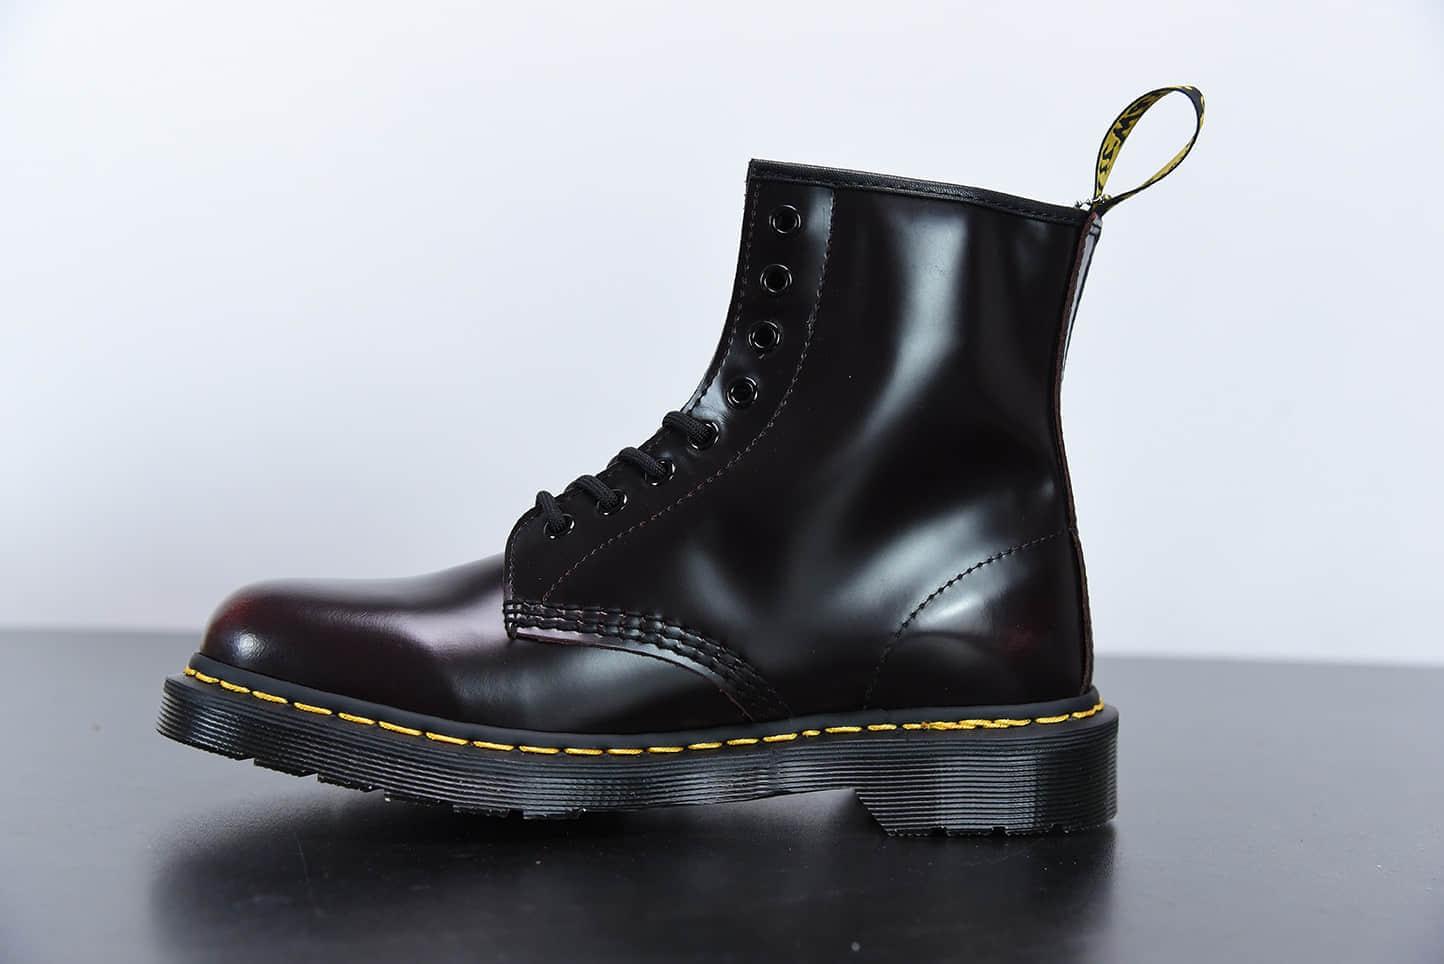 马汀博士Dr. Martens Bex 8-Eye Boot 1460酒红色高帮系列复古八孔系带全皮工装马丁靴纯原版本